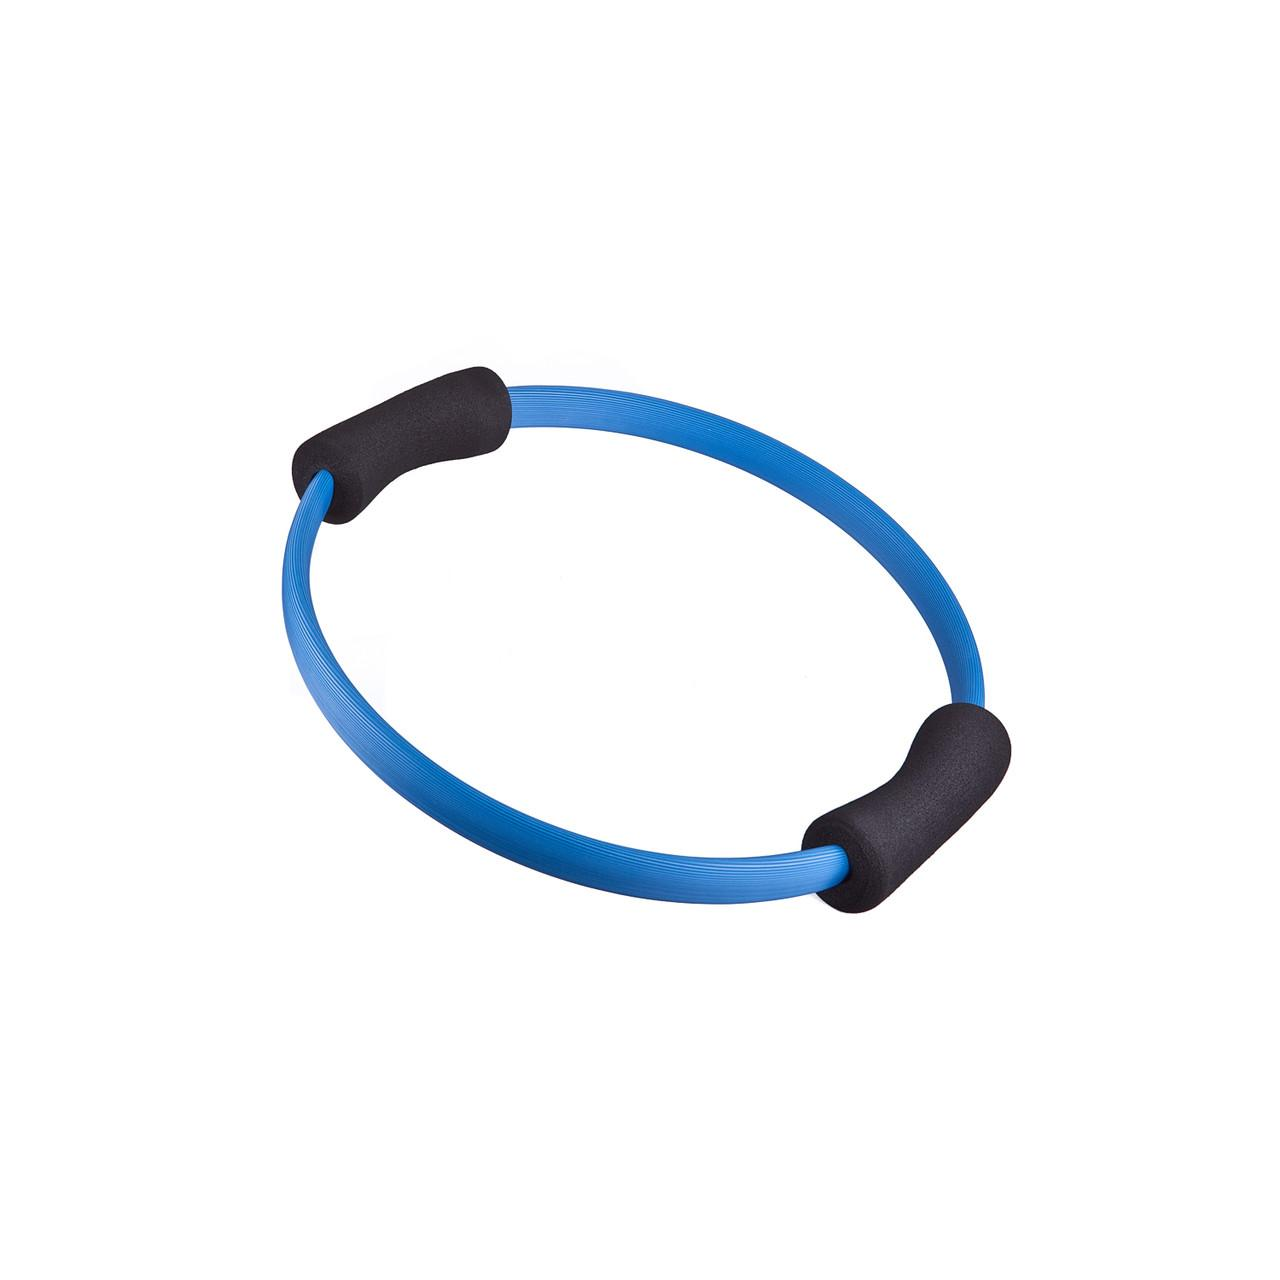 Кольцо для пилатеса (изотоническое) — упражнения и рекомендации